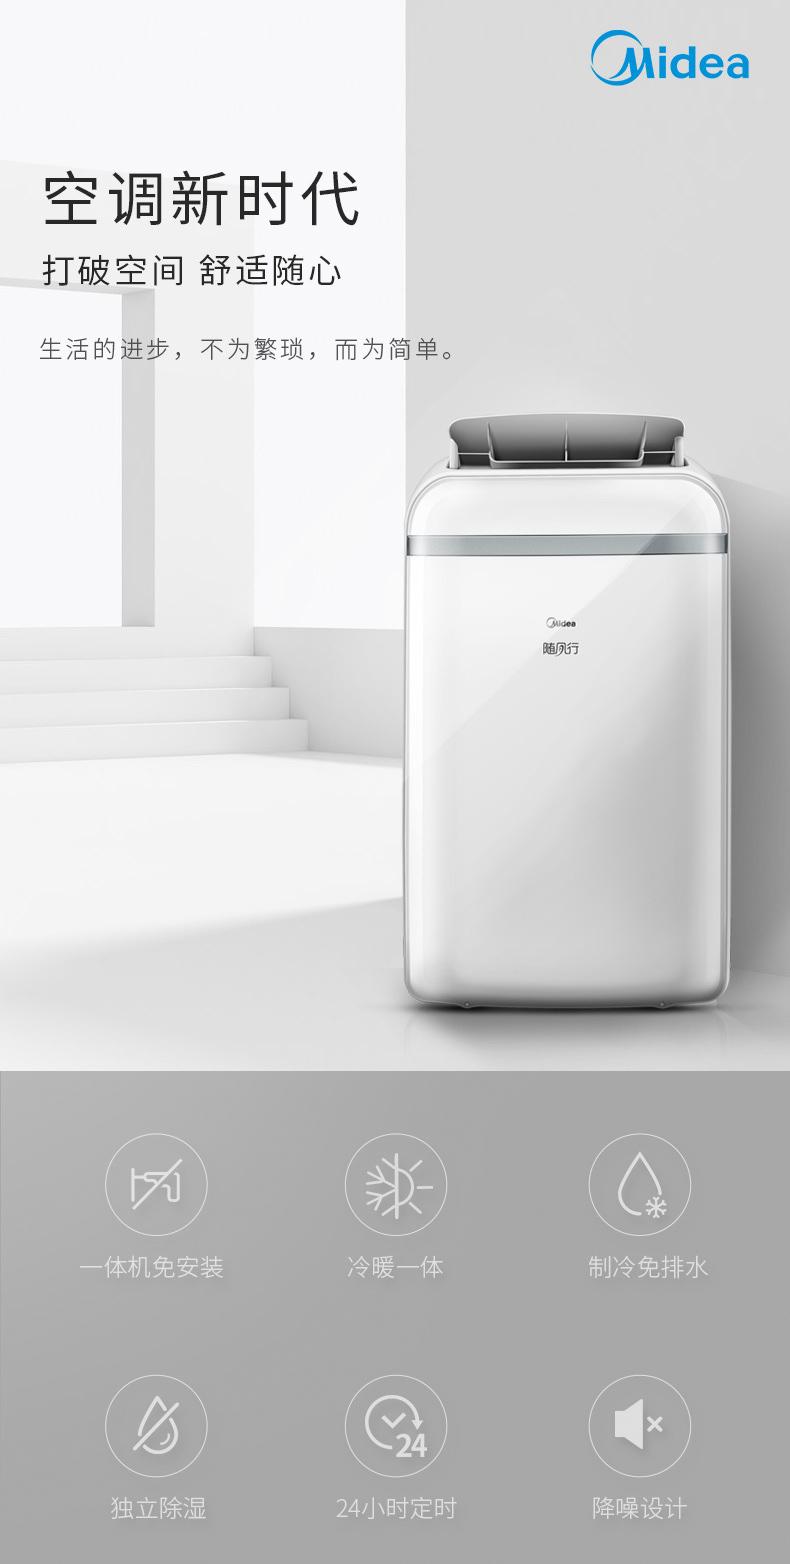 昆明美的移动空调多少钱一台